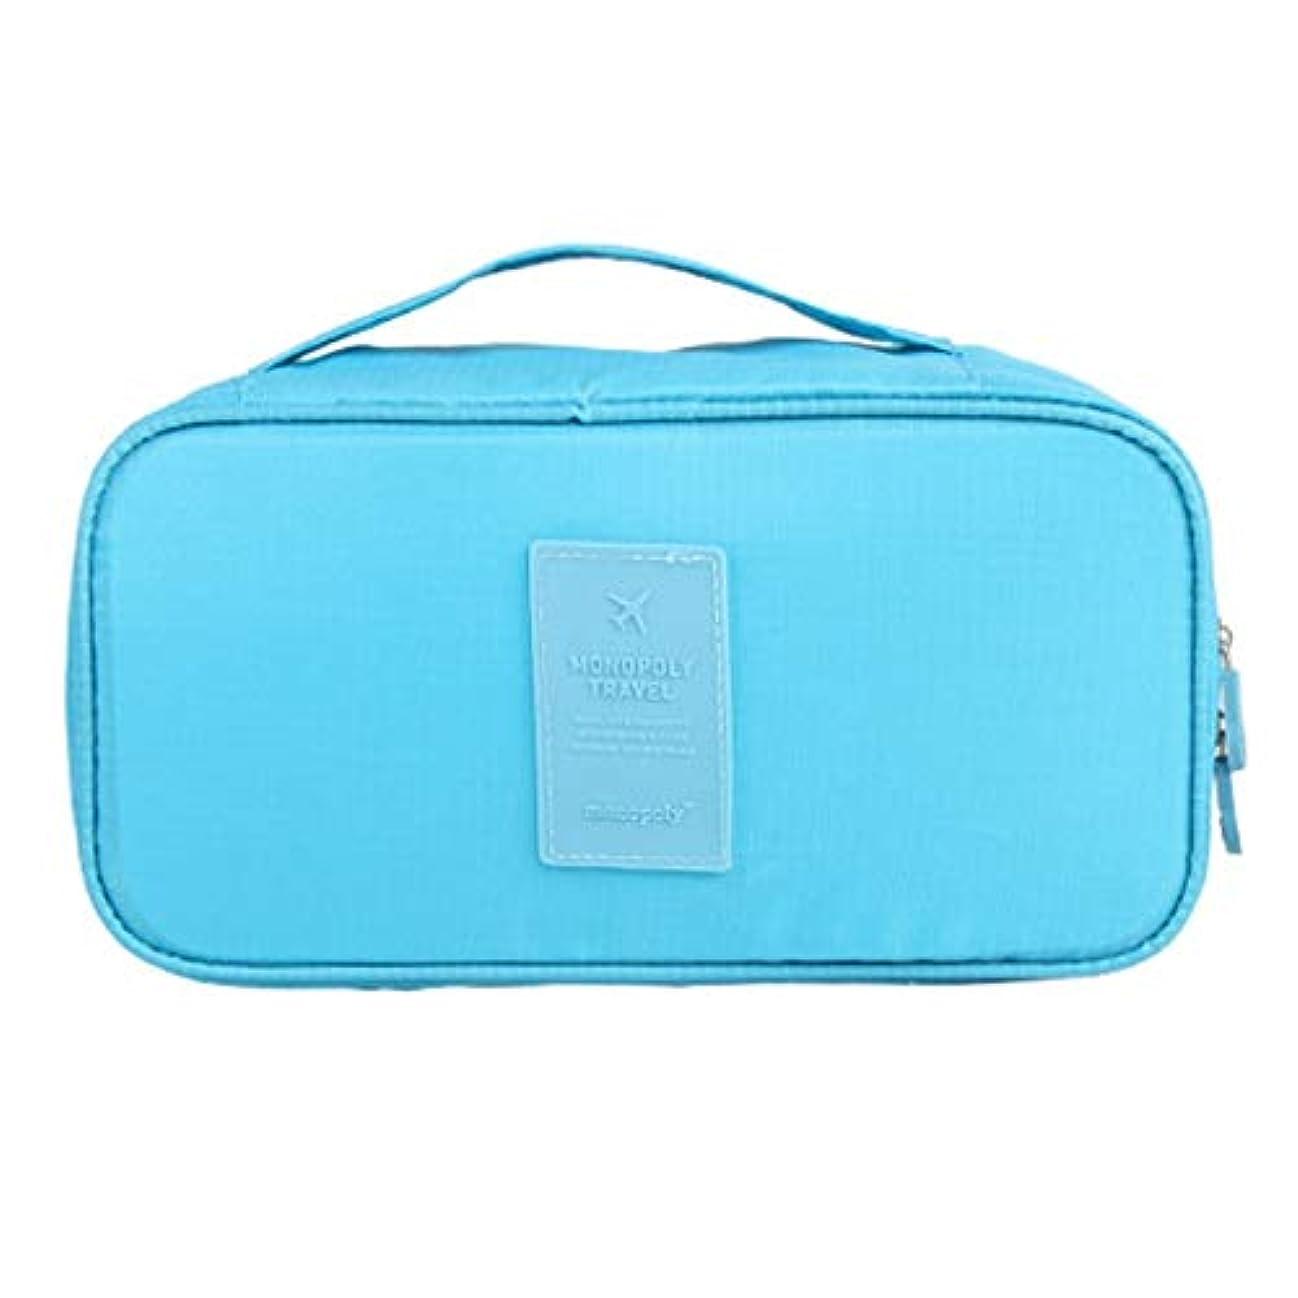 マーカー出血脈拍化粧オーガナイザーバッグ 旅行用品旅行用シェービングヘアバッグ 化粧品ケース (色 : 青)